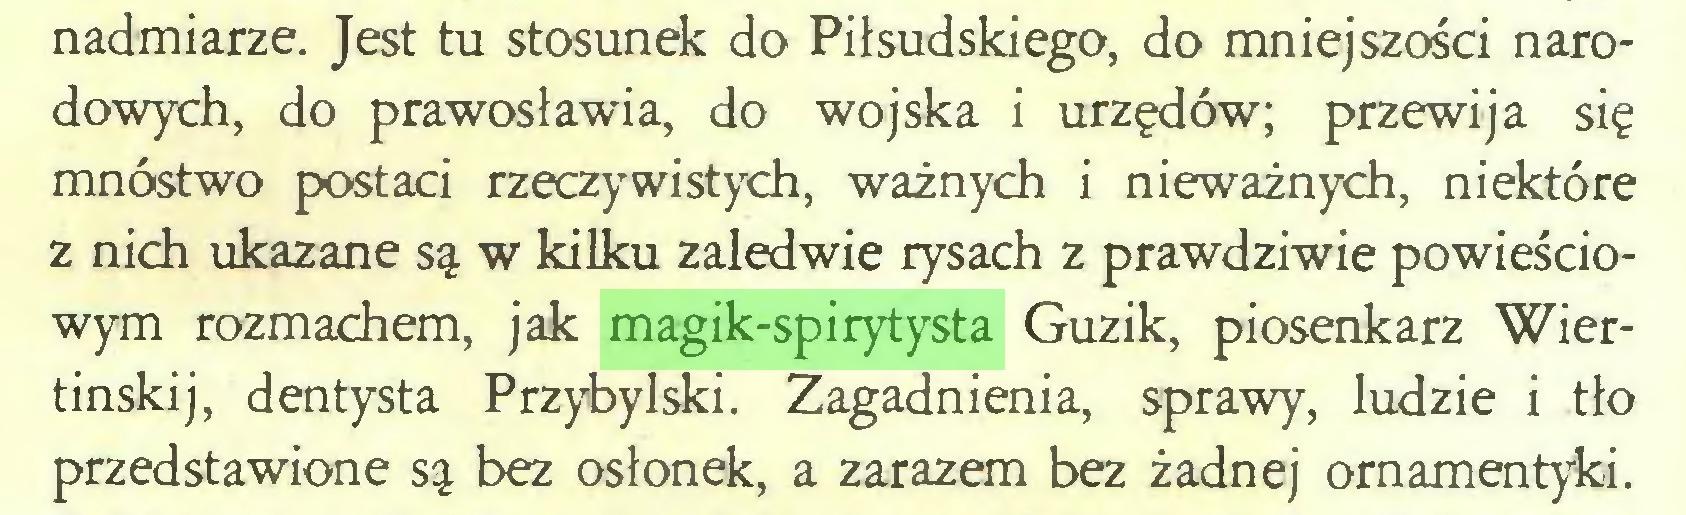 (...) nadmiarze. Jest tu stosunek do Piłsudskiego, do mniejszości narodowych, do prawosławia, do wojska i urzędów; przewija się mnóstwo postaci rzeczywistych, ważnych i nieważnych, niektóre z nich ukazane są w kilku zaledwie rysach z prawdziwie powieściowym rozmachem, jak magik-spirytysta Guzik, piosenkarz Wiertinskij, dentysta Przybylski. Zagadnienia, sprawy, ludzie i tło przedstawione są bez osłonek, a zarazem bez żadnej ornamentyki...